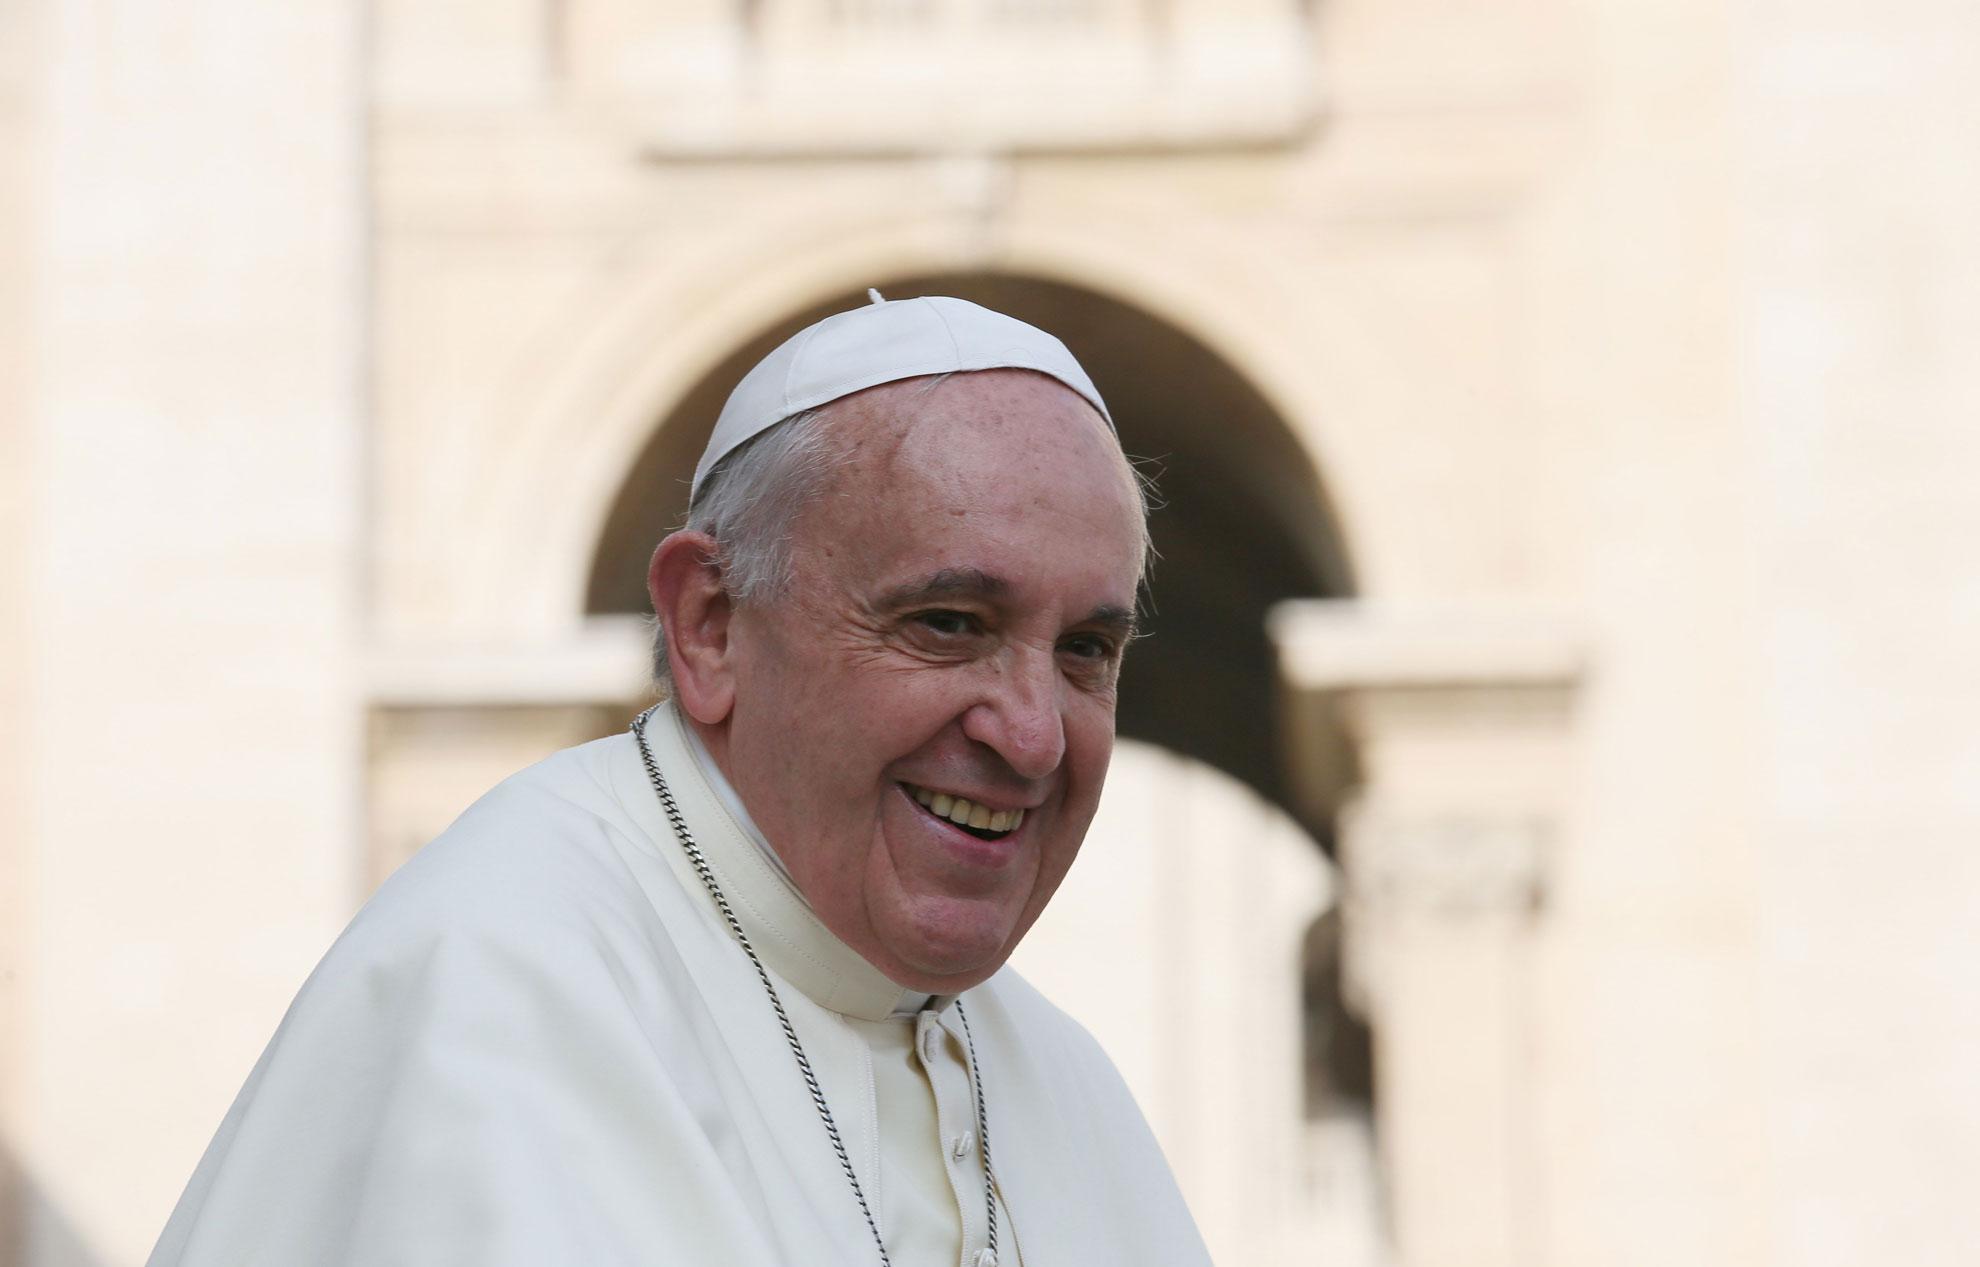 """Le pape François a-t-il parlé d'""""invasion musulmane"""" en France comme le dit Morano?"""